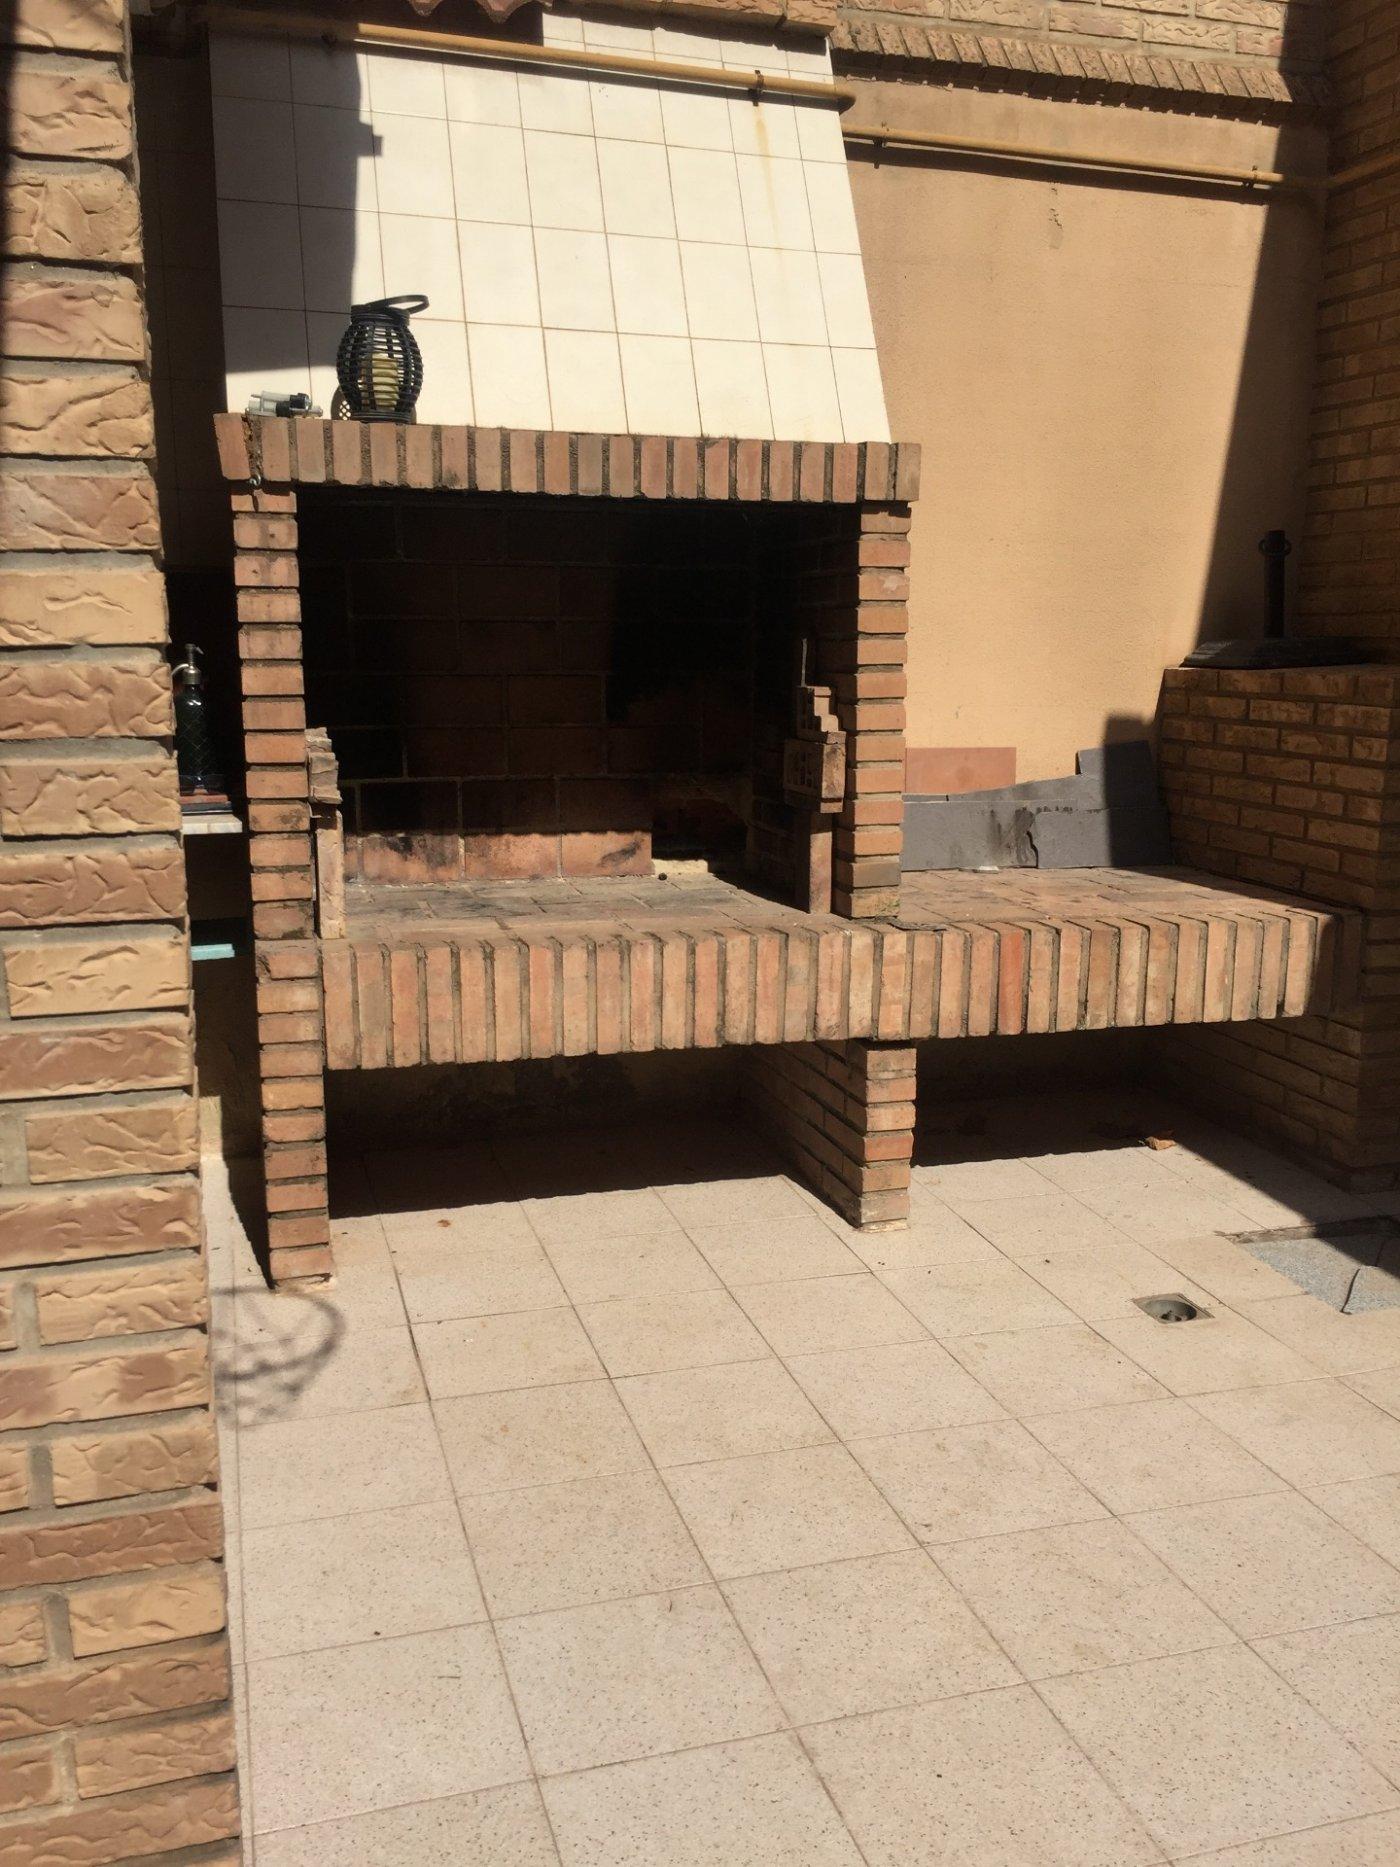 Casa adosado en alfahuir - imagenInmueble1